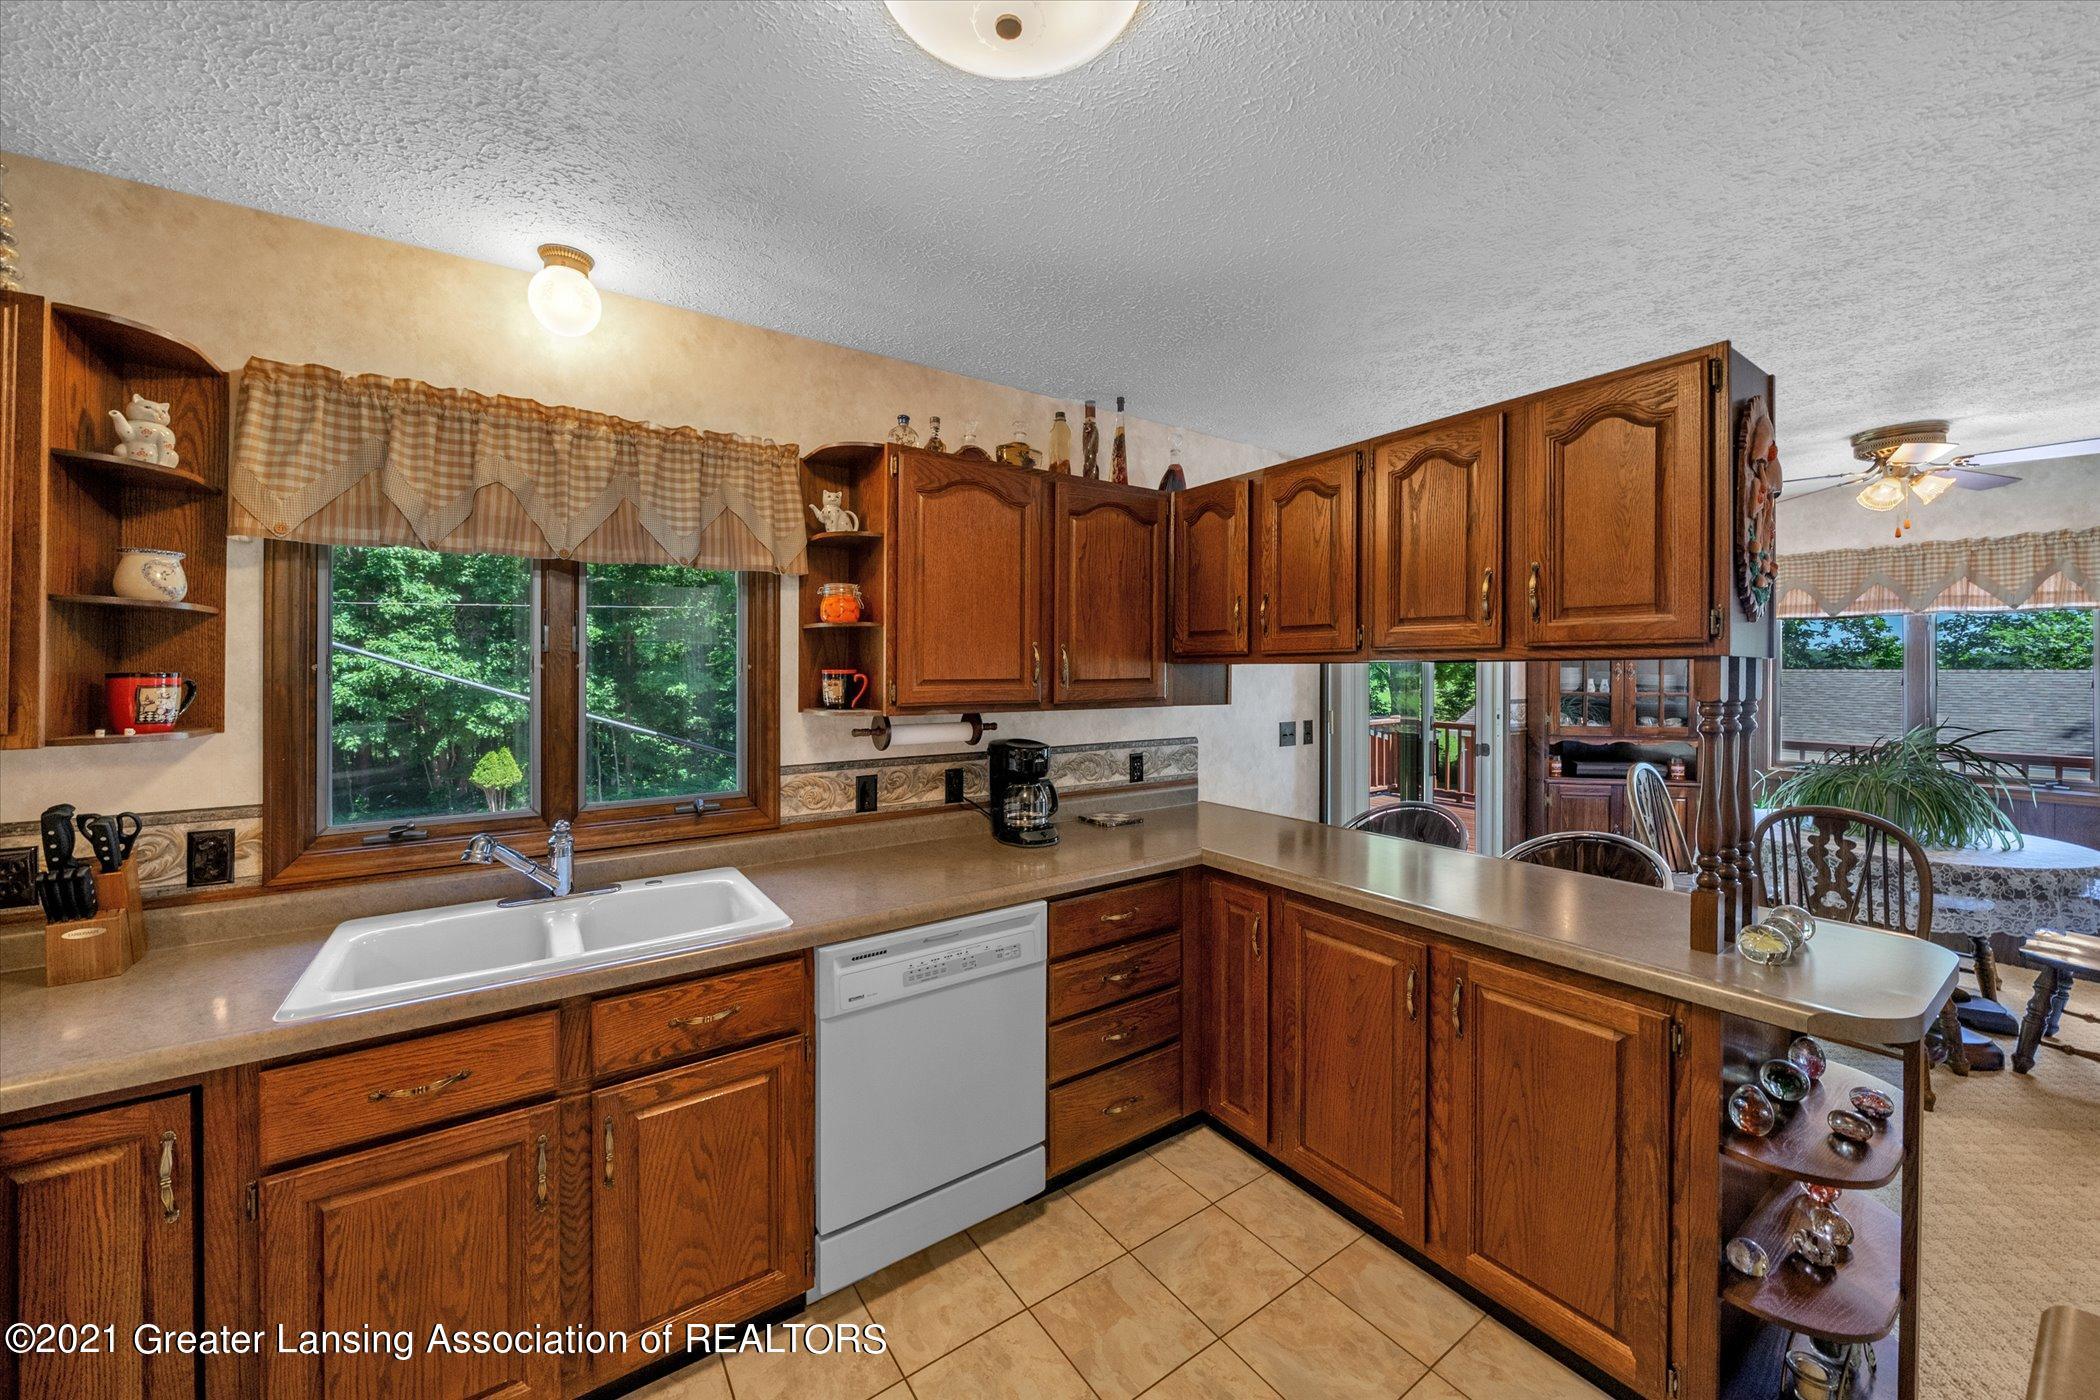 7851 S Cochran Rd - (7) MAIN FLOOR Kitchen - 7